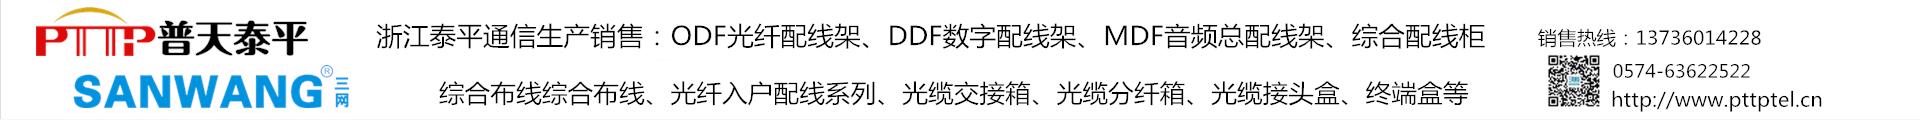 浙江泰平通信技術有限公司